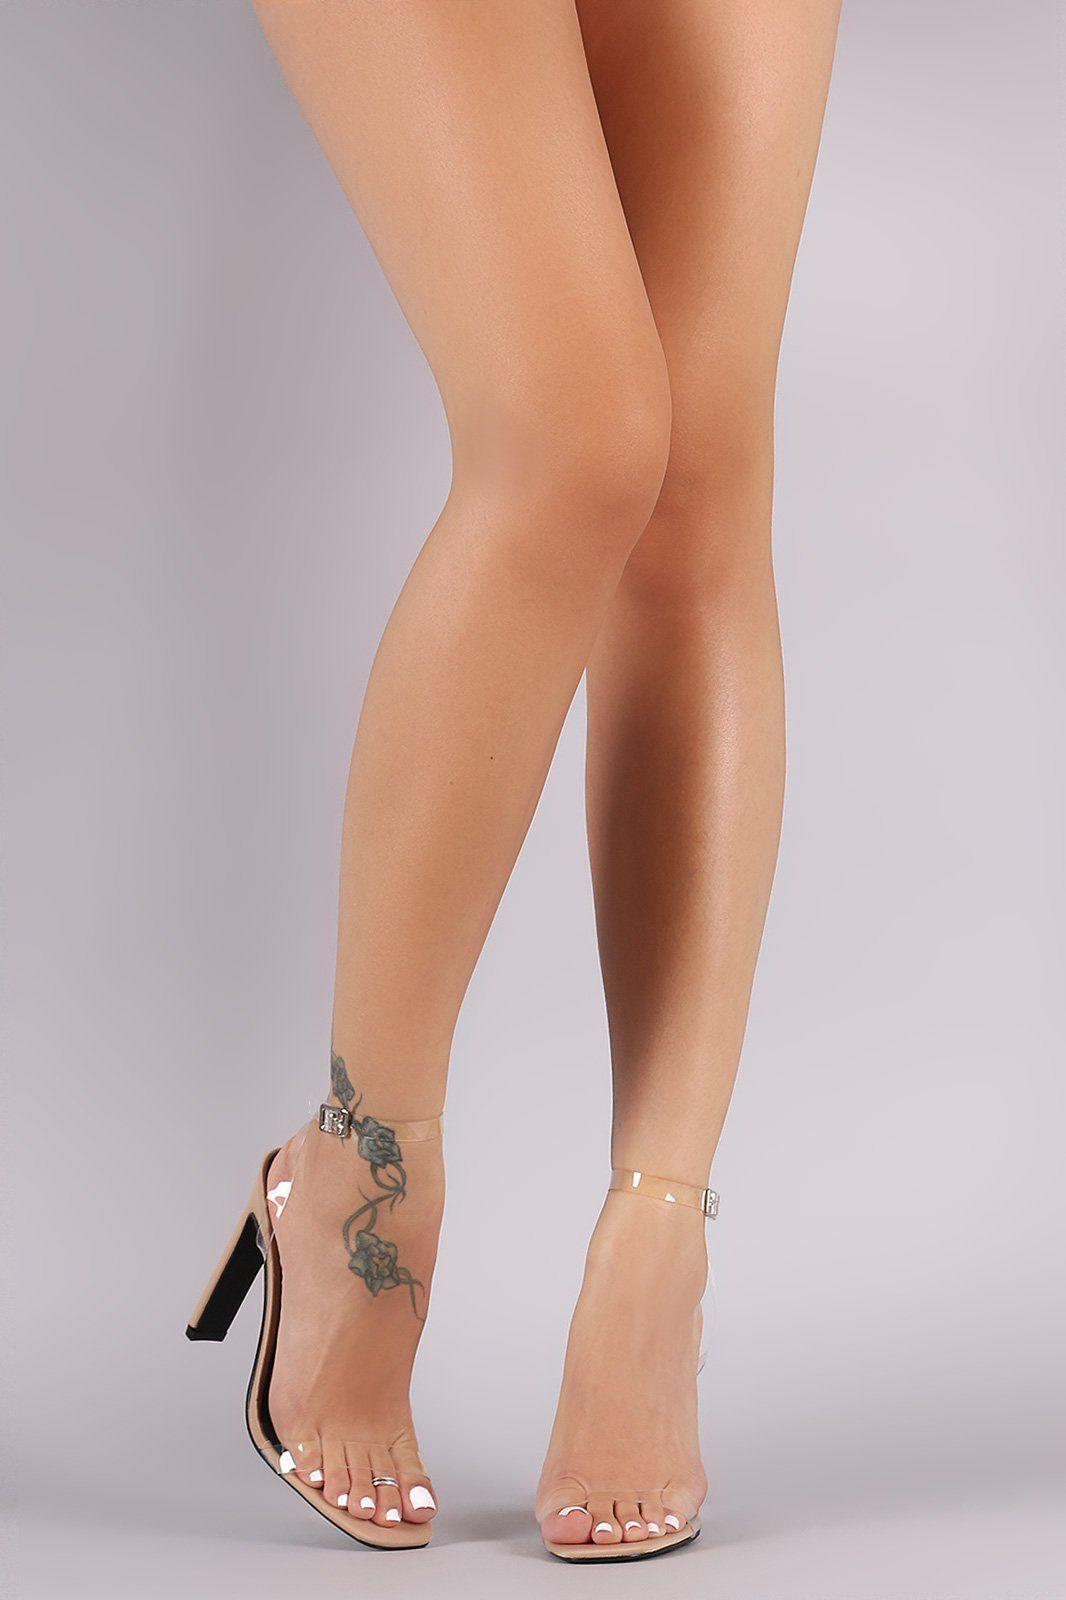 Pin de Geny Fernandes em sapatos & sandalias | Lindas pernas